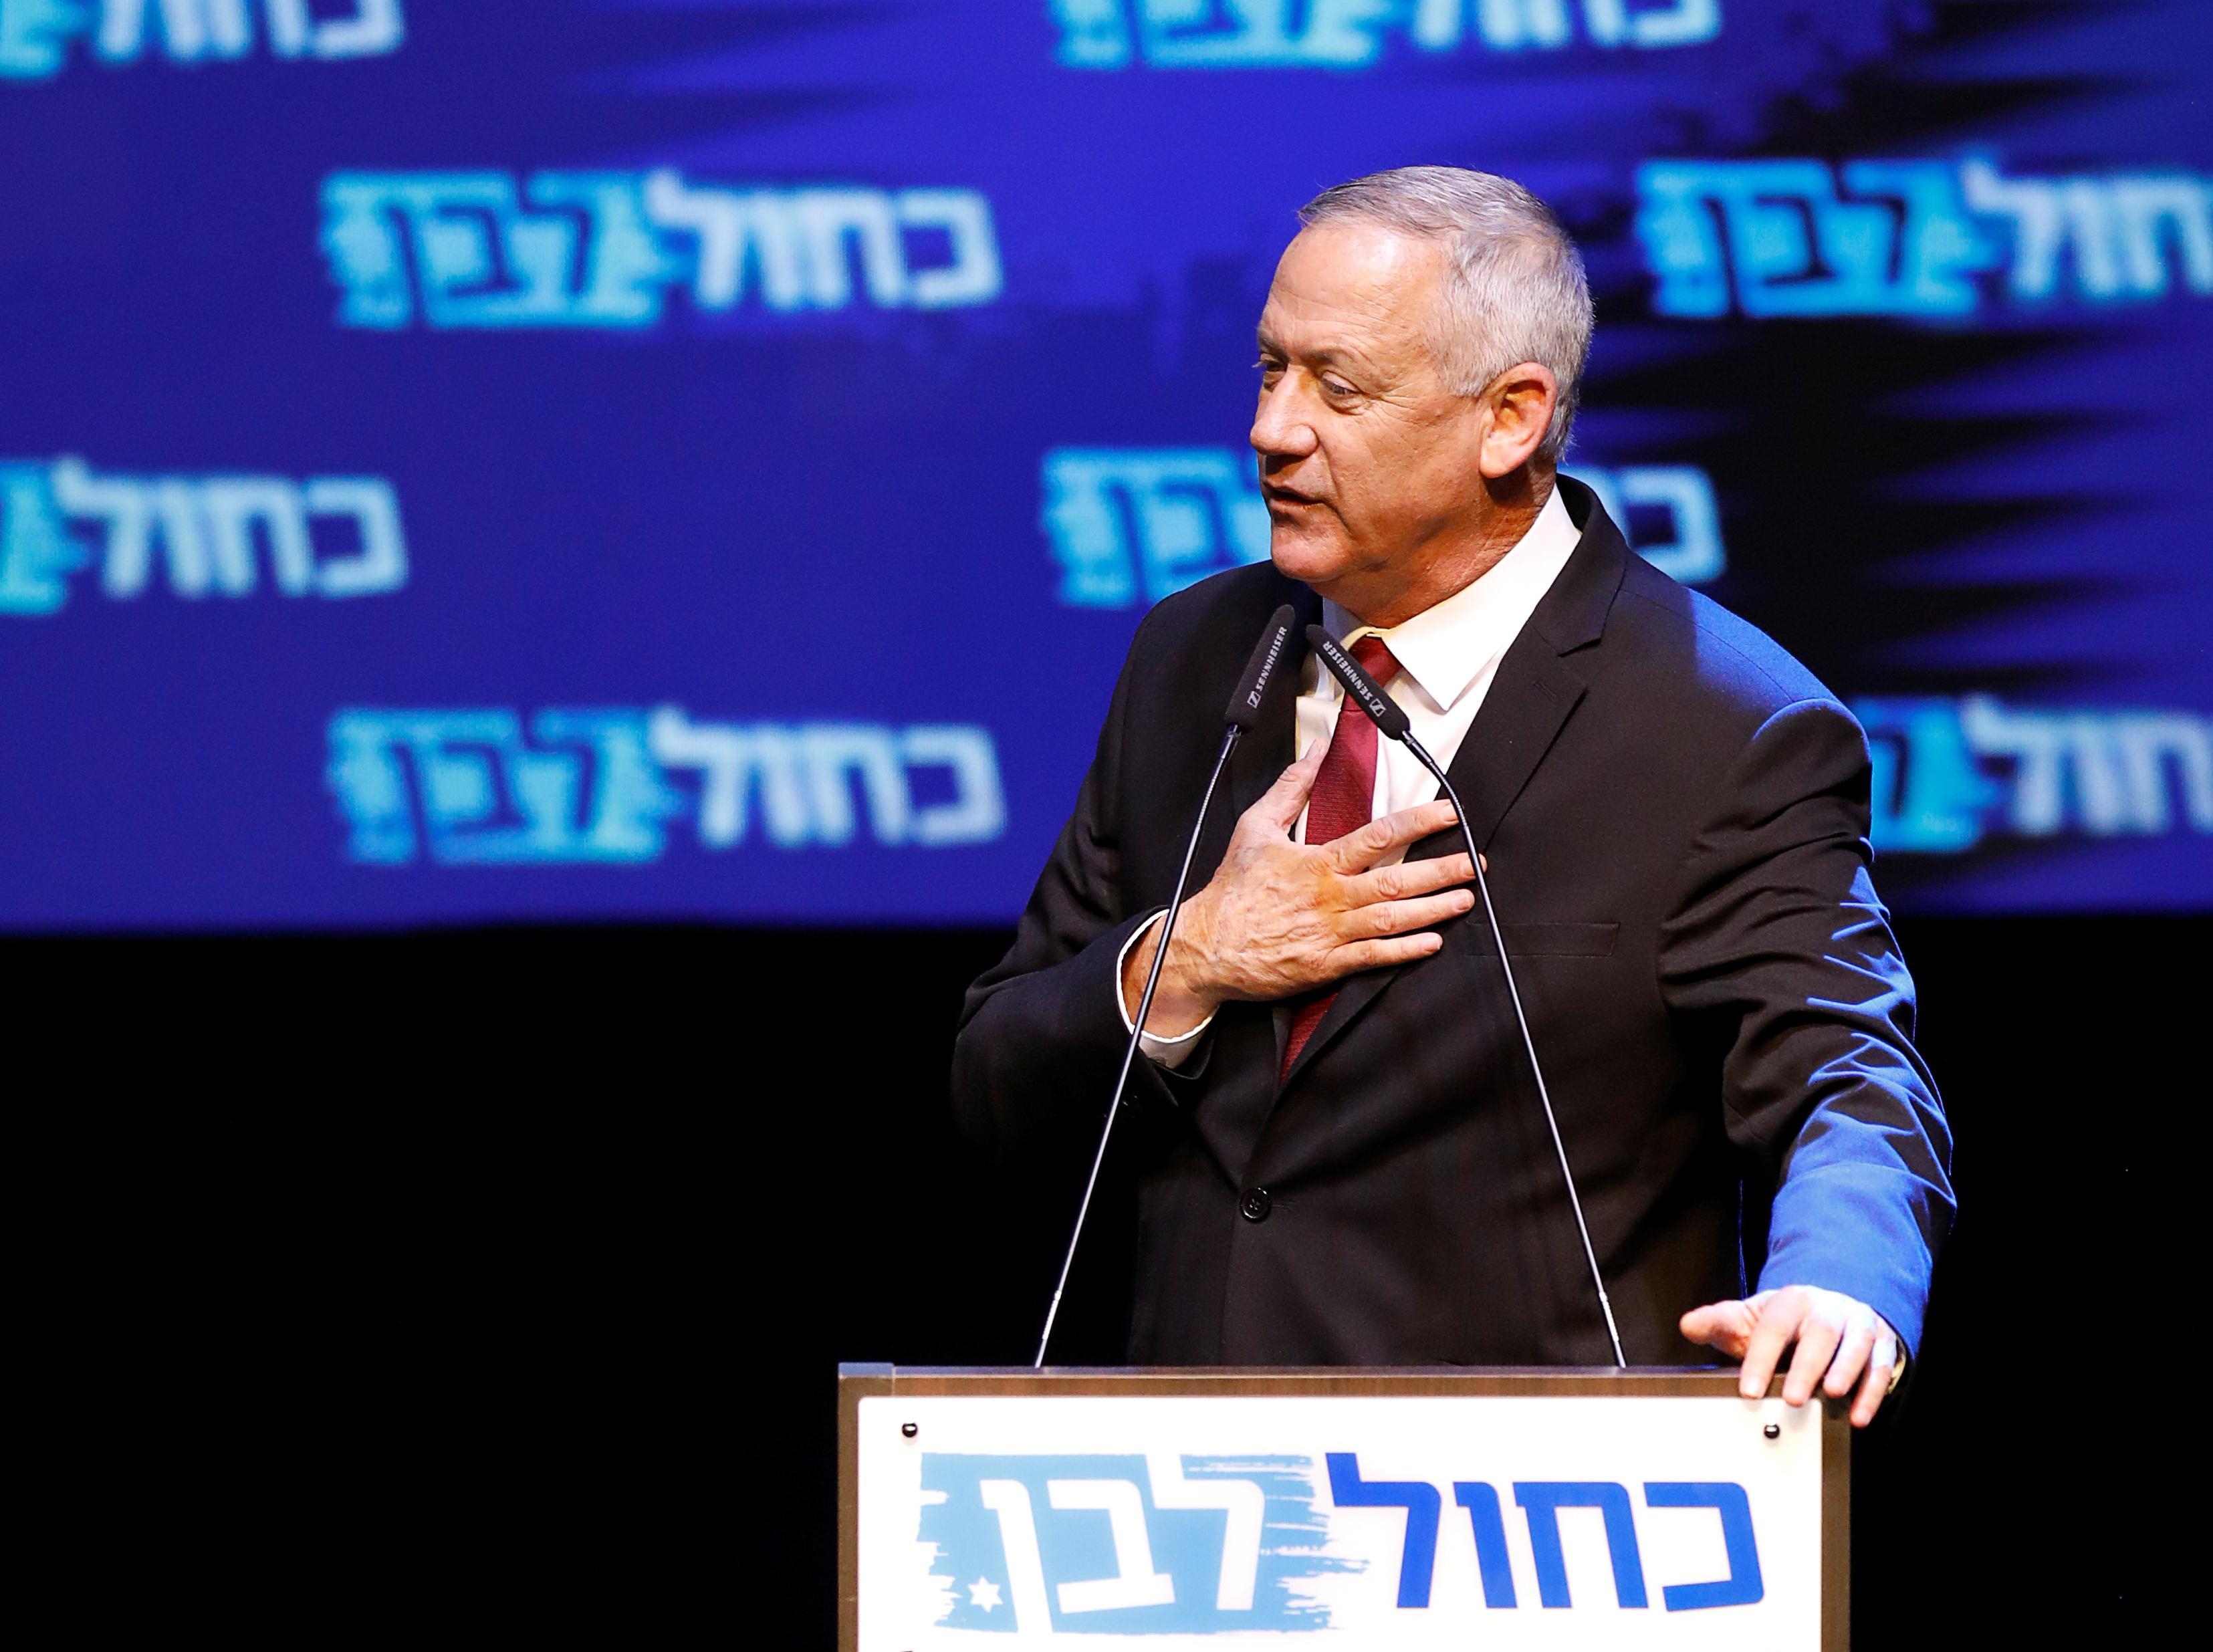 Netanyahu reste à égarer après des élections proches